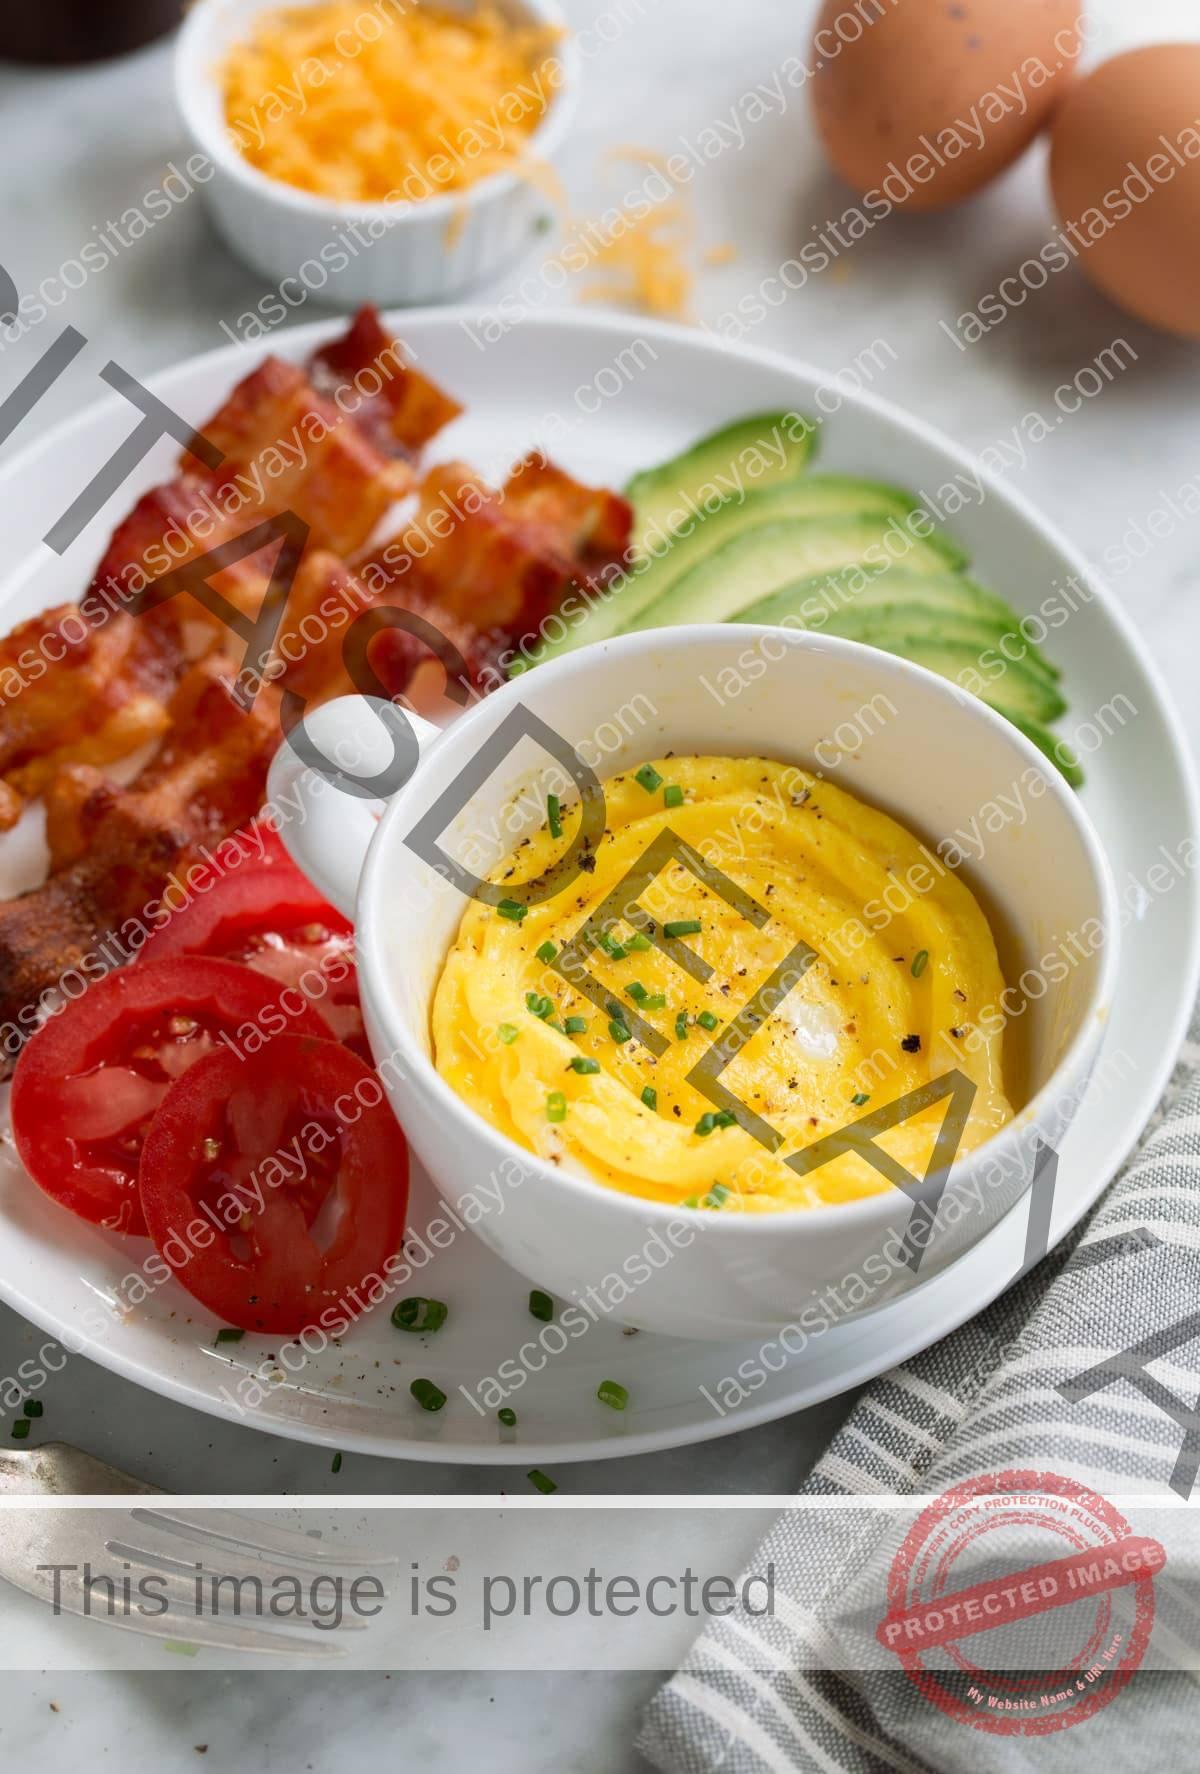 Cocine en el microondas los huevos con tocino, tomates y aguacate a un lado en un plato.